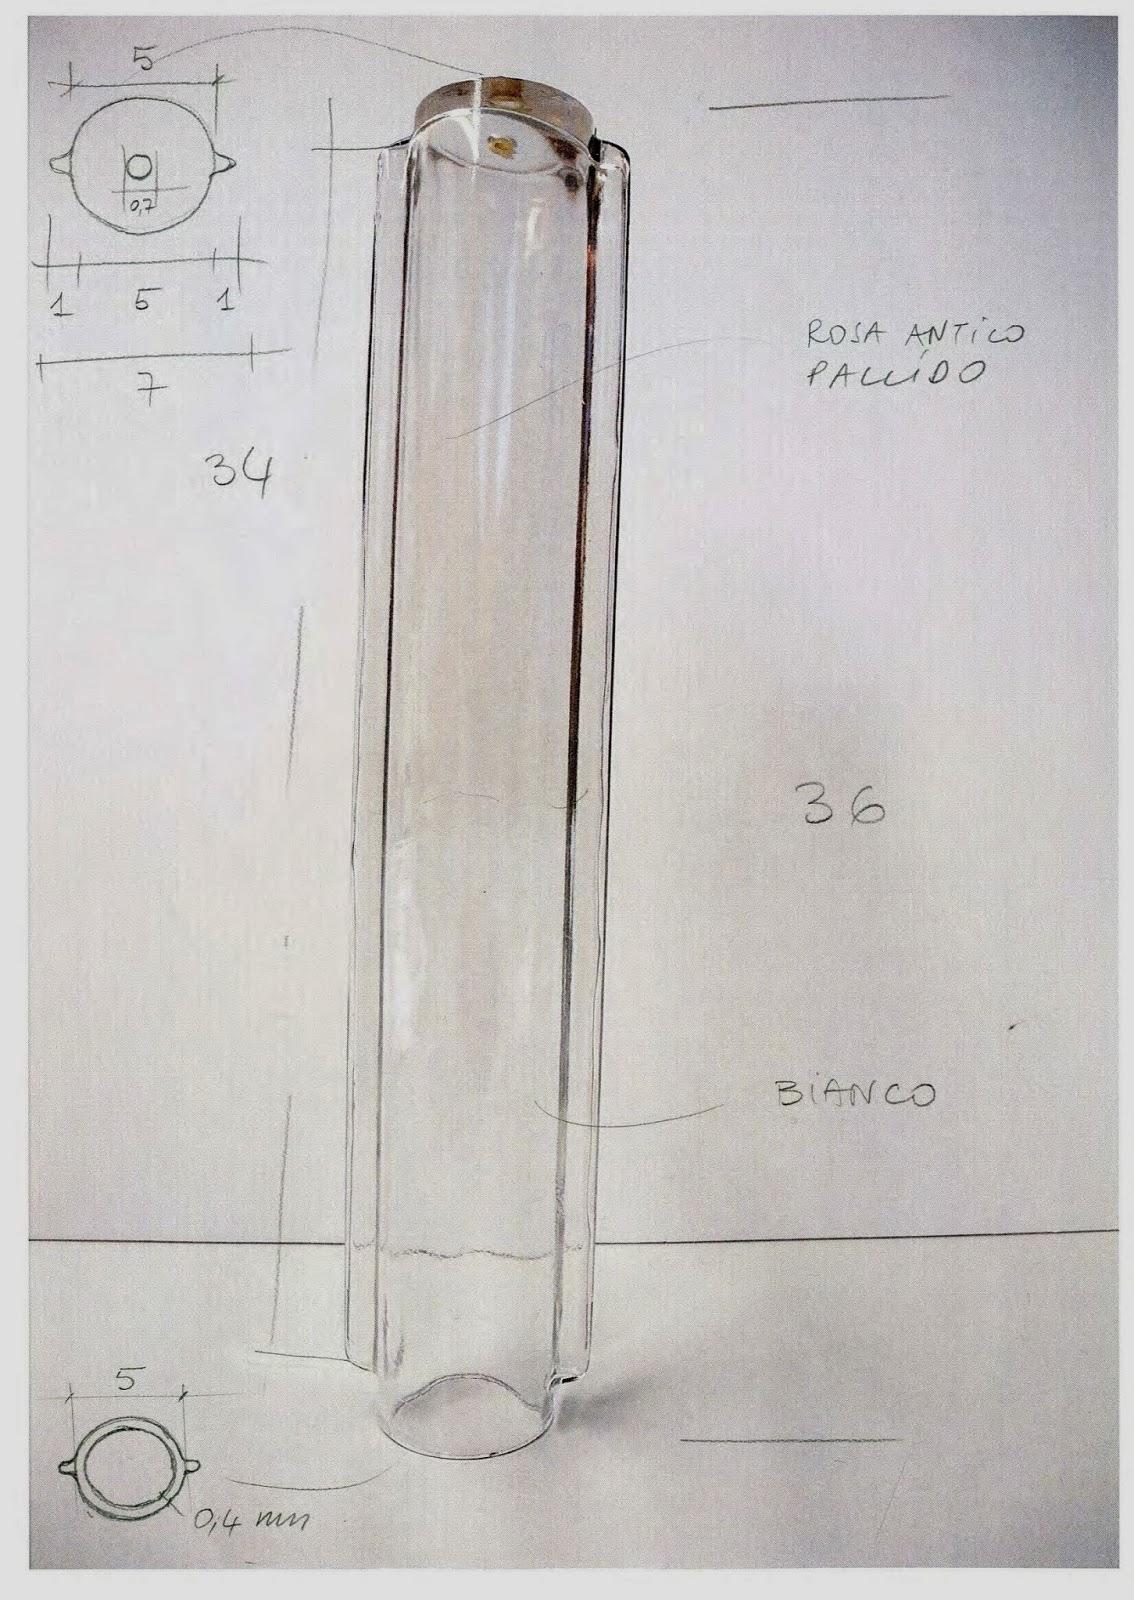 vetro-calze-per-completare-lampadari-di-murano-venini